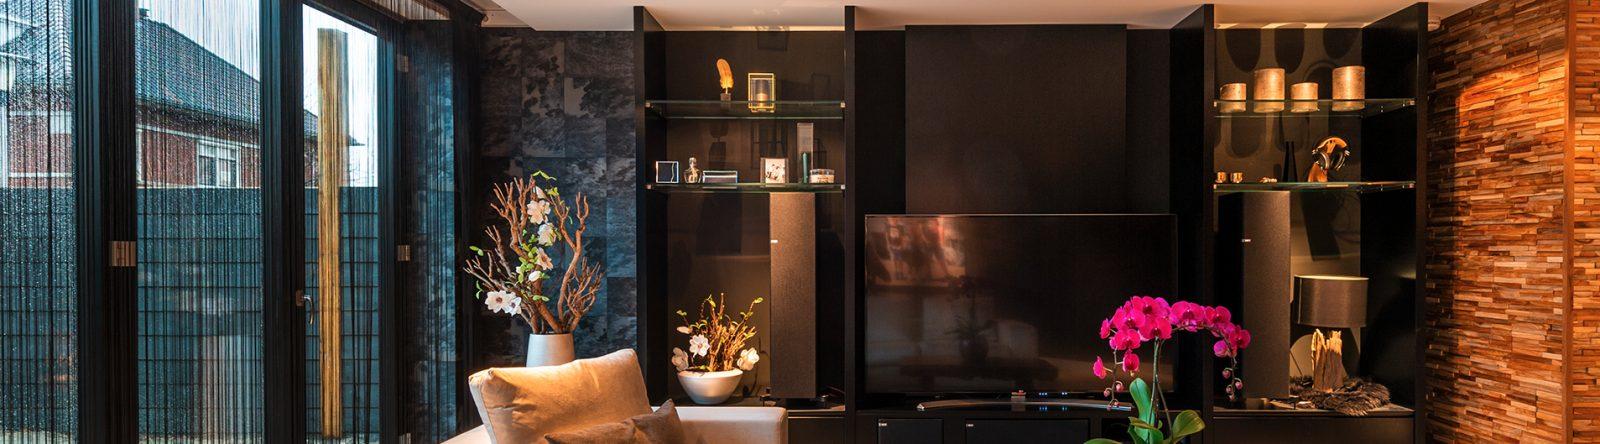 Tv meubel op maat laten maken door interieurbouwer Spijkenisse